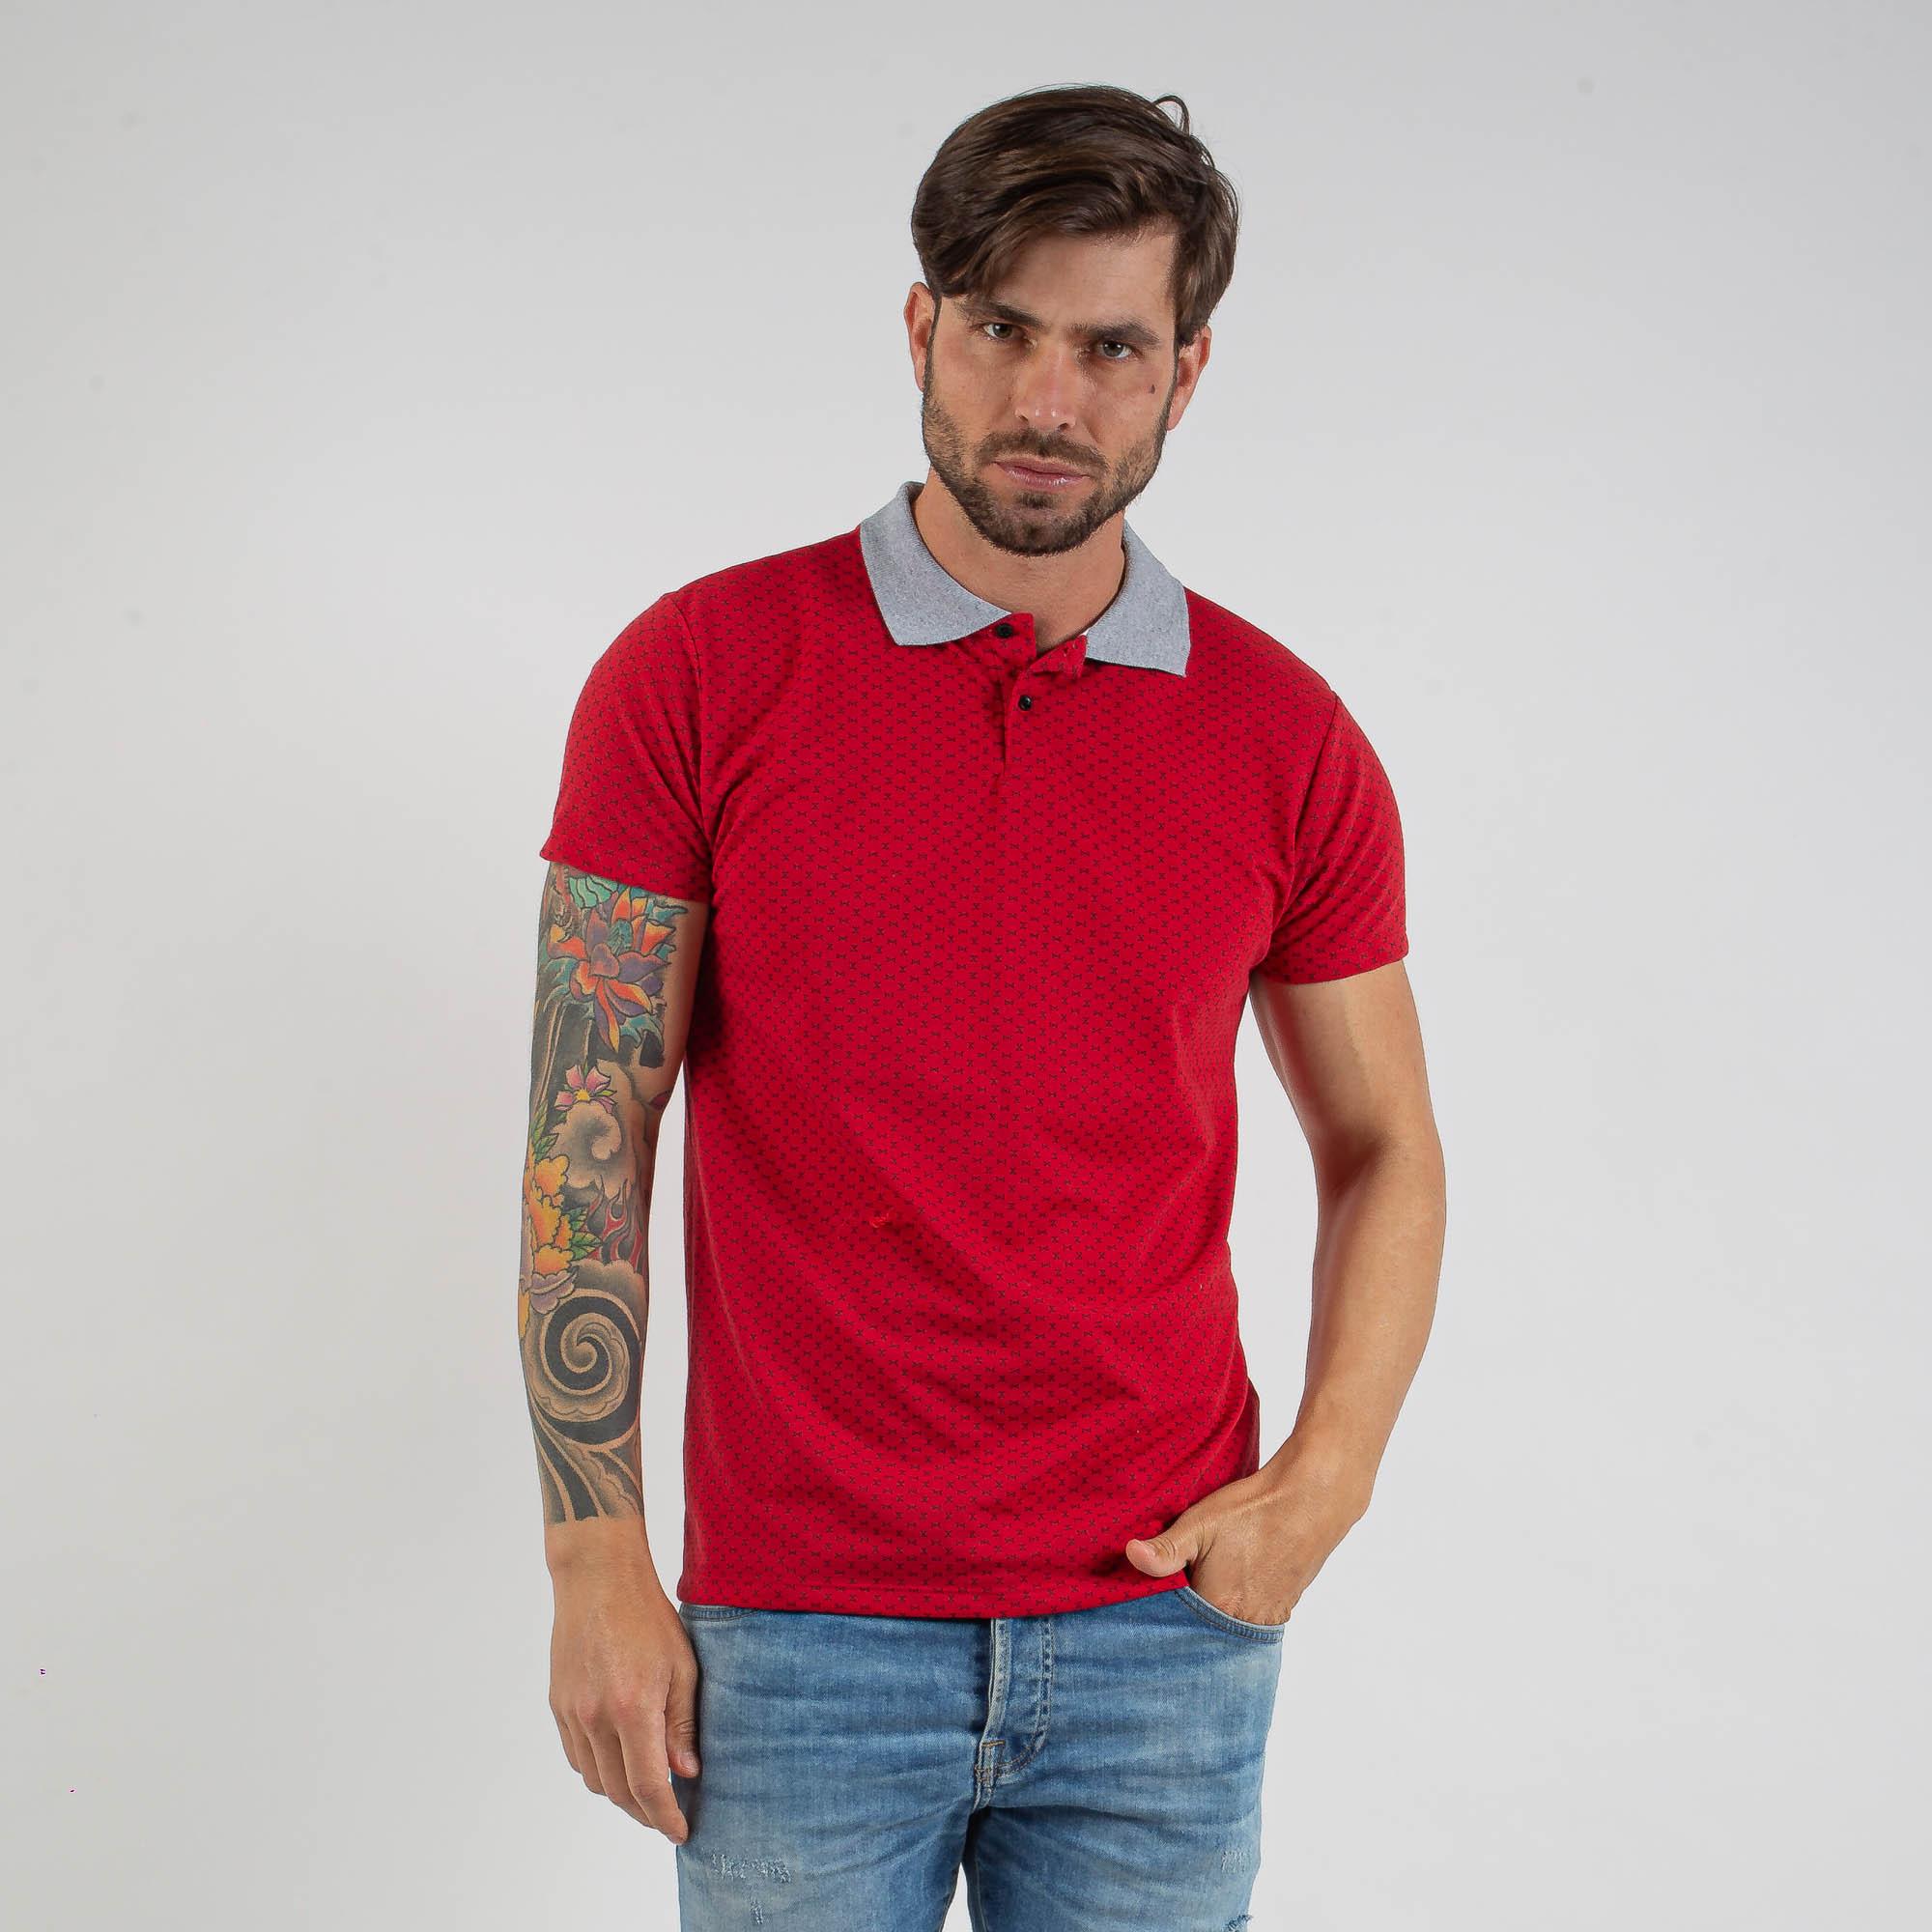 Camiseta Polo Masculina Estampada Vermelha Com Gola Cinza